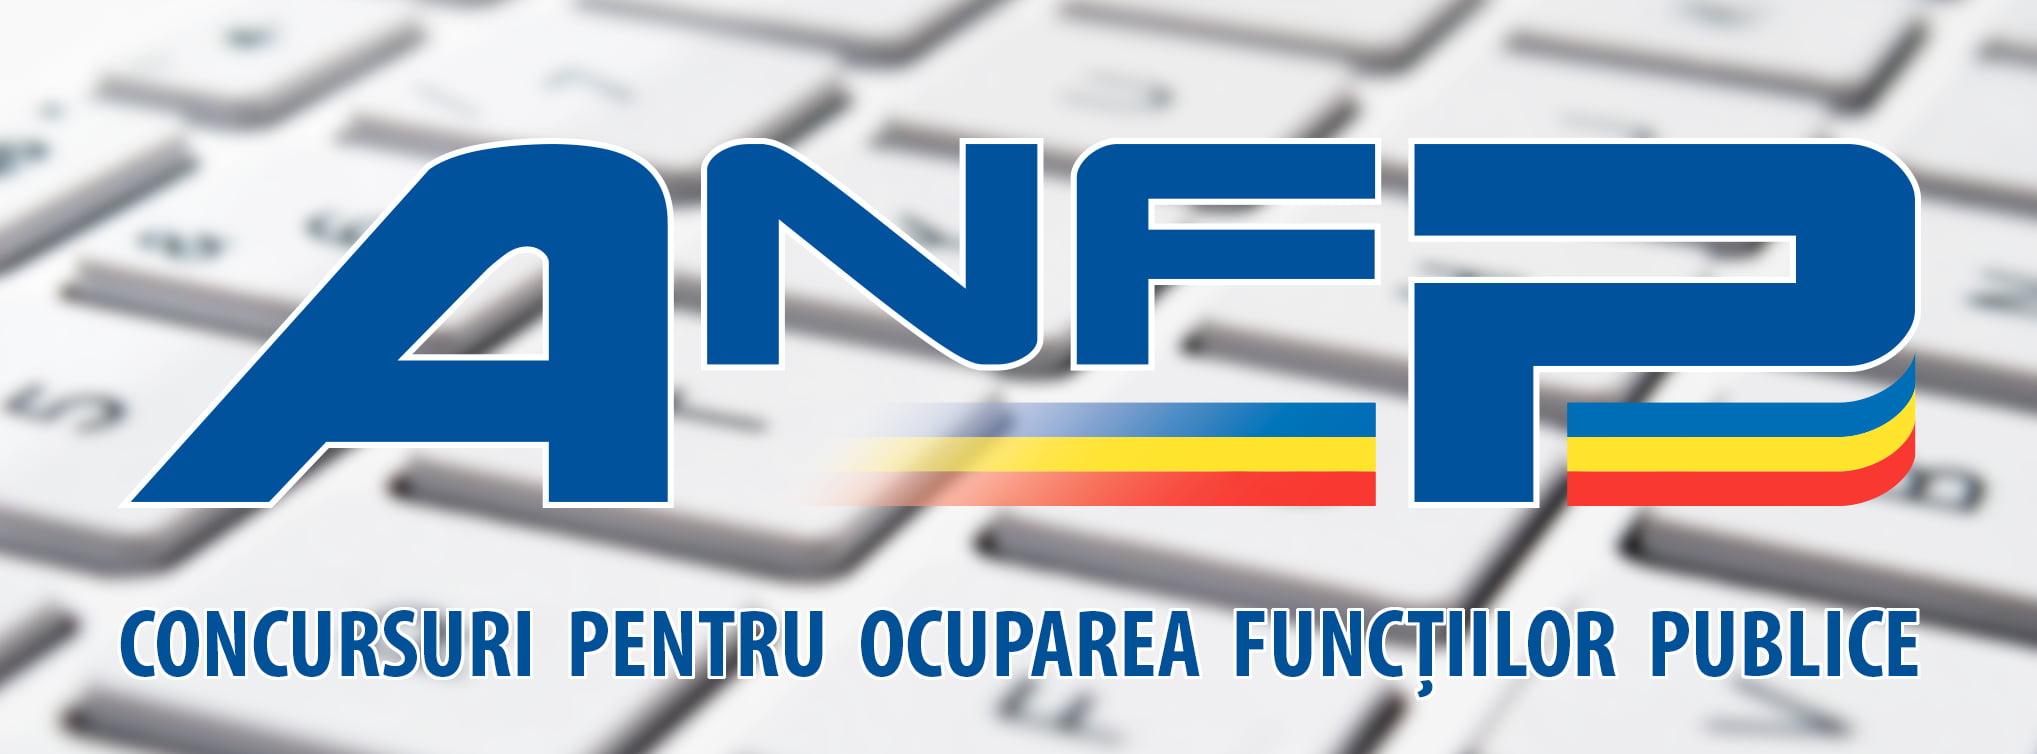 Pagină de facebook dedicată concursurilor pentru funcţii publice, lansată de ANFP